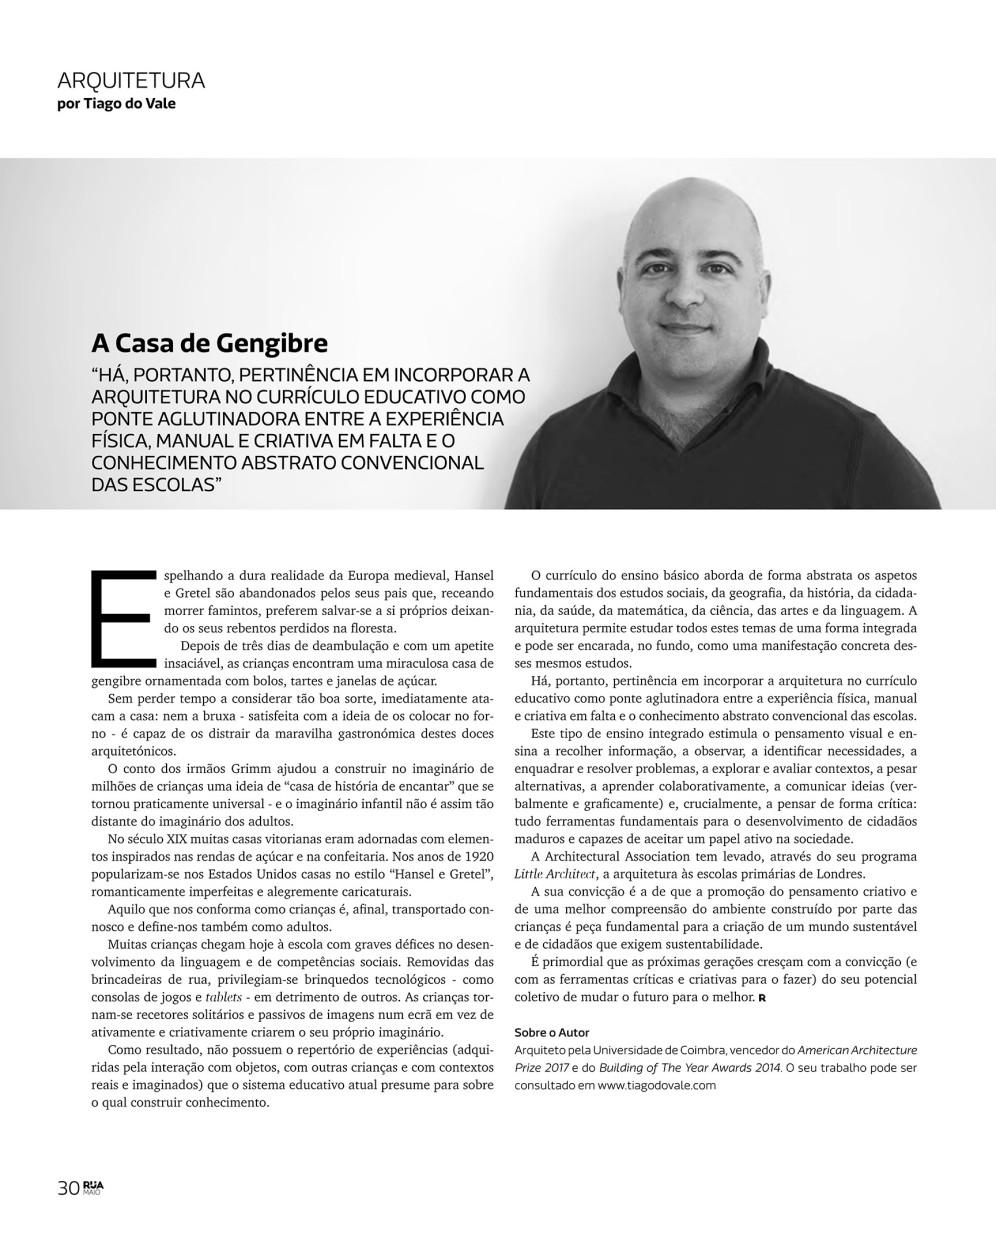 Revista RUA 27, 30